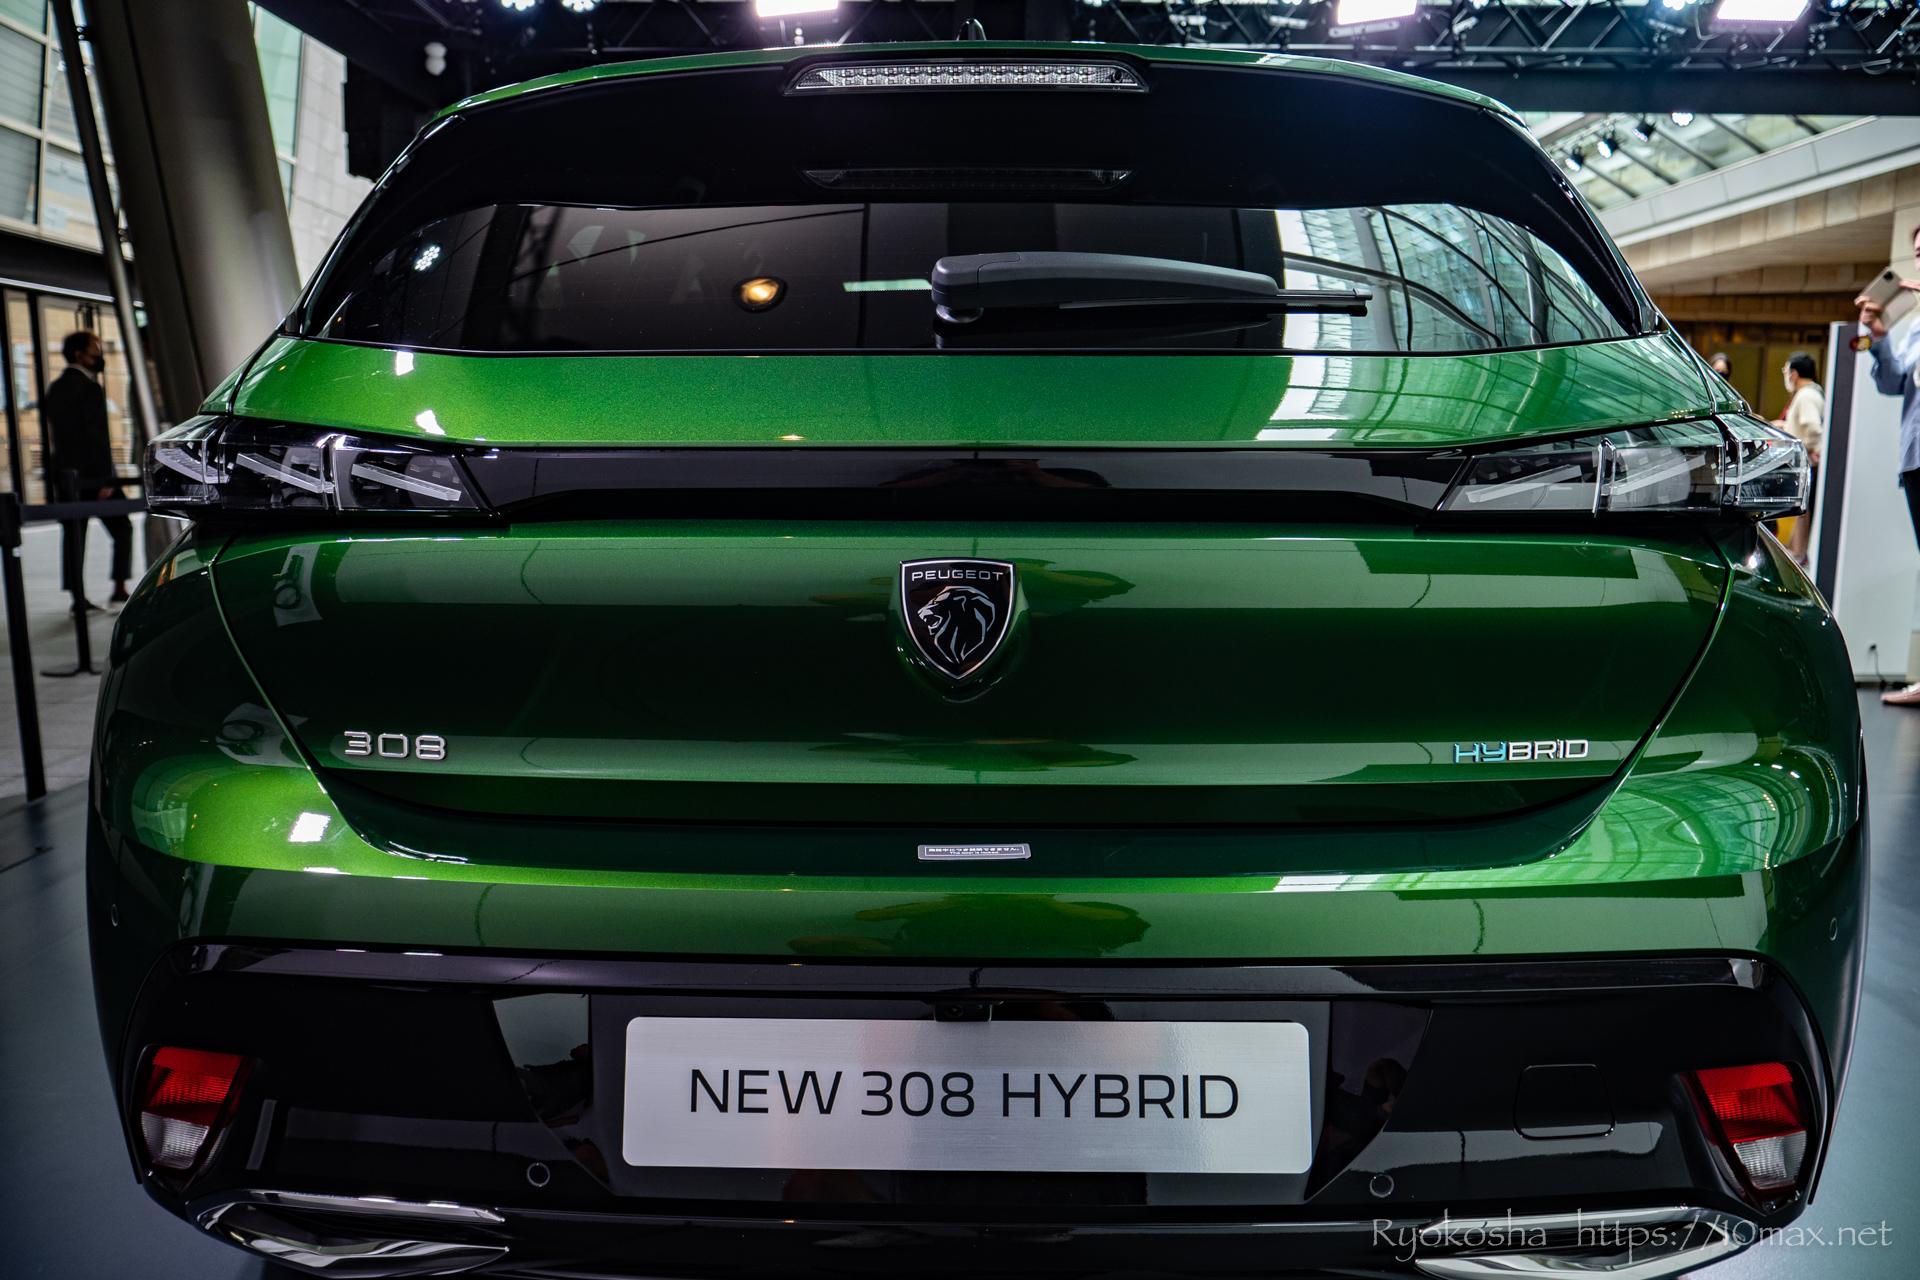 プジョー 308 新型 LION EXPERIENCE 2021 六本木ヒルズ 実車 写真 新ブランドロゴ